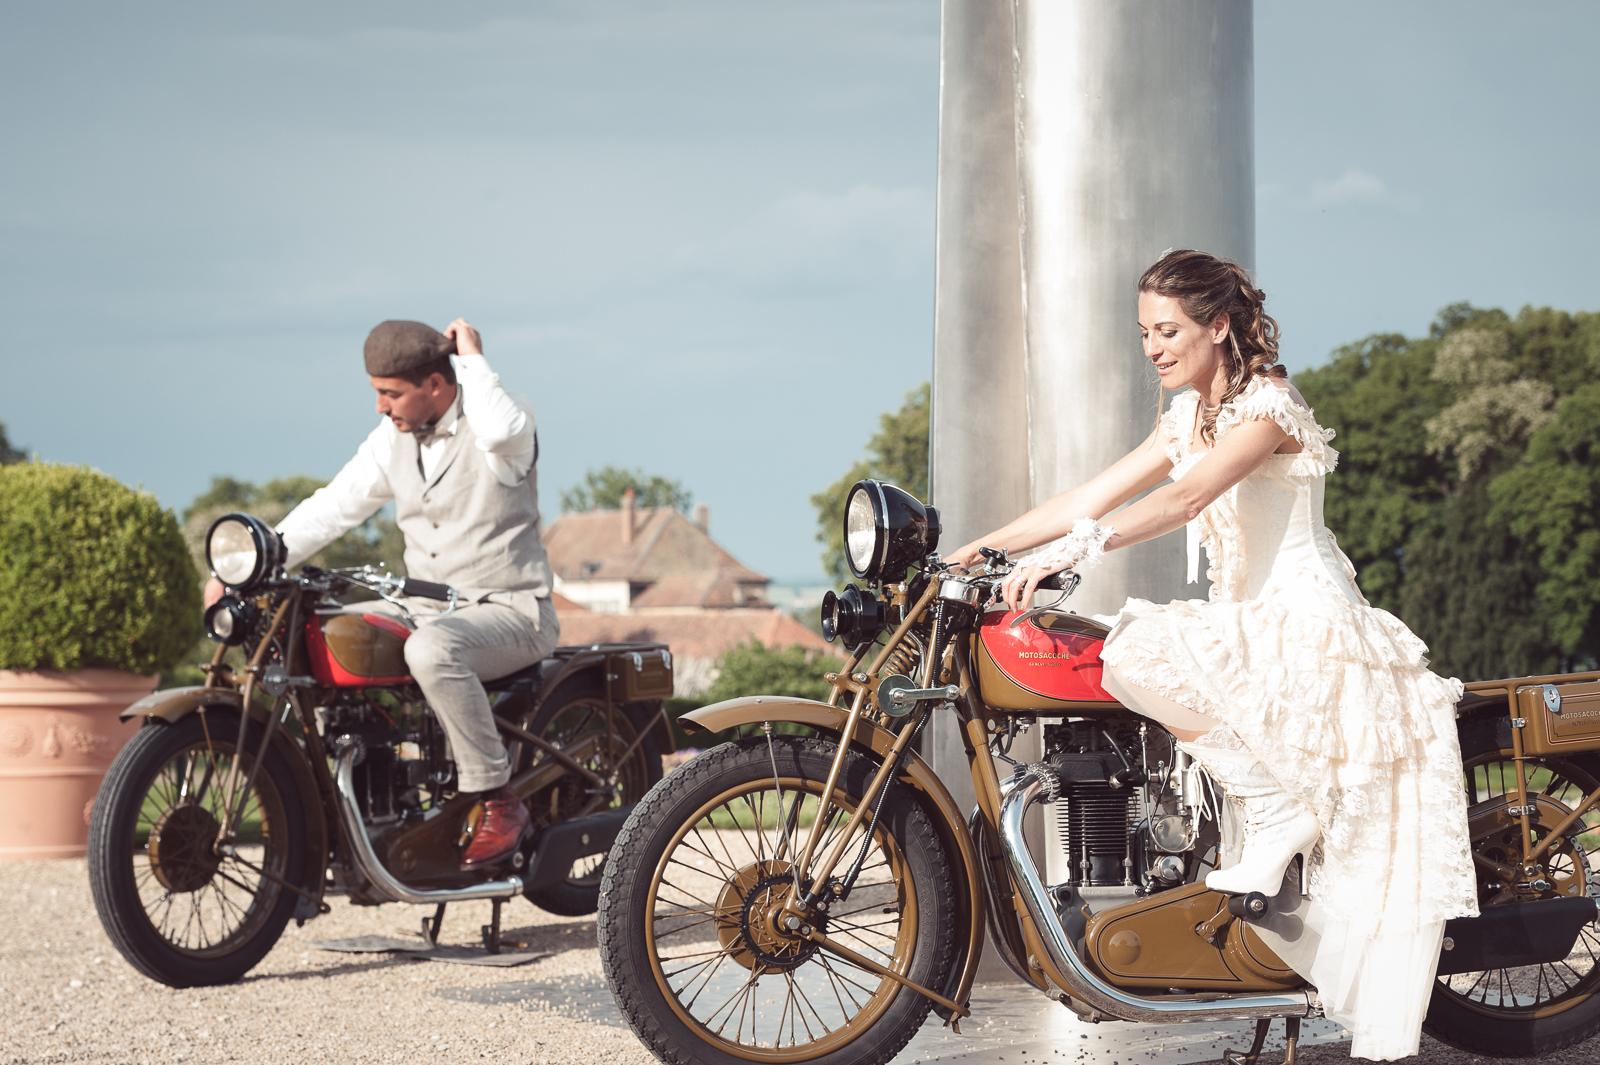 """Déco Moto Web 31 - Le mariage """"Belle Epoque"""" de A&C aux Portes des Iris"""